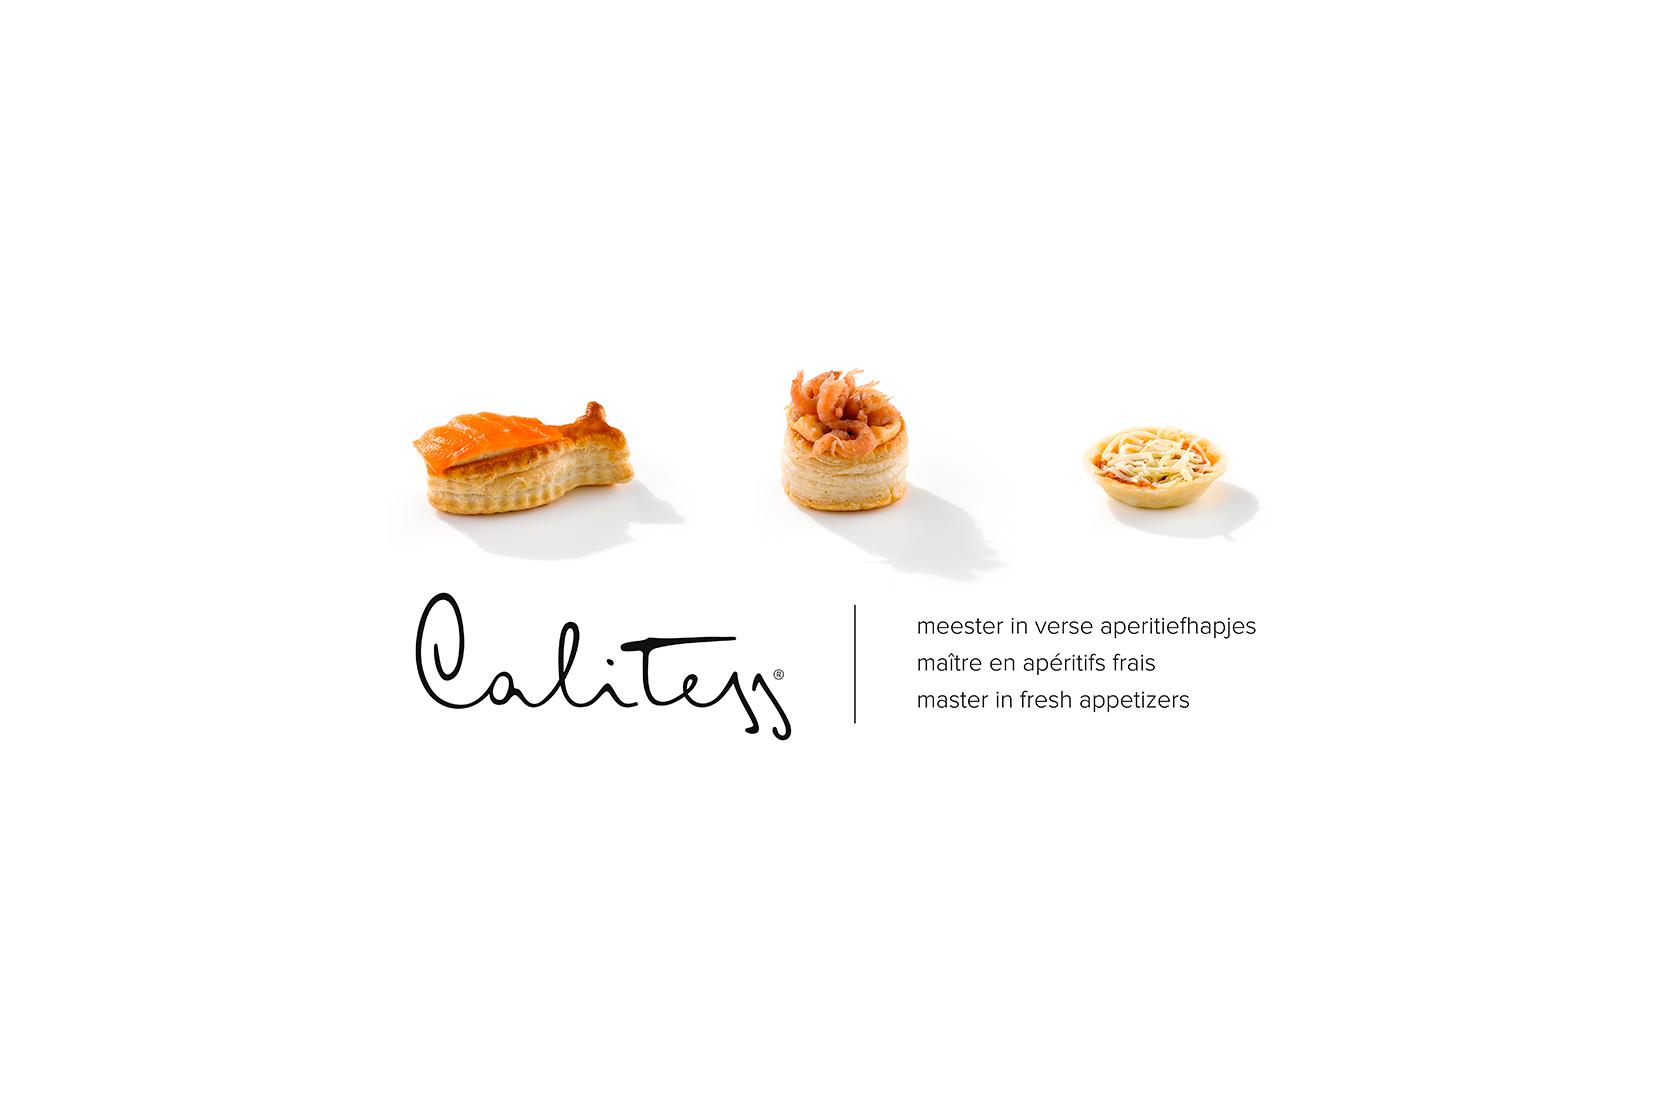 Calitess